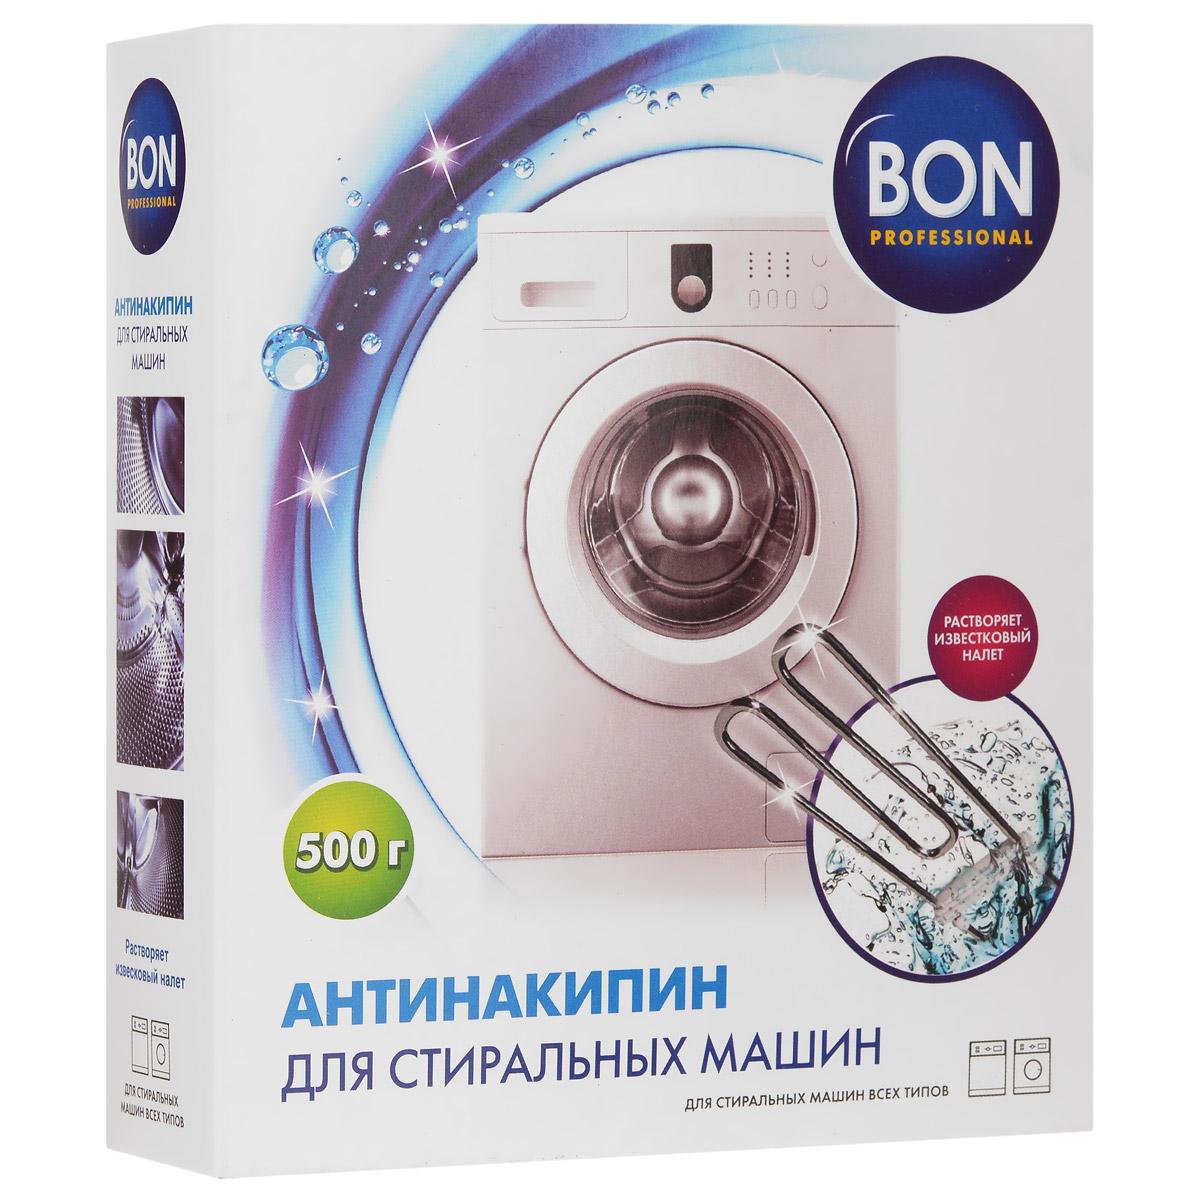 Средство против накипи для стиральных машин Bon, 500 гBN-023Средство против накипи для стиральных машин Bon существенно снижает жесткость воды, не позволяя солям, естественно в ней содержащимся, скапливаться на тэнах стиральной машины в виде отложений. Накипь, образовываясь на нагревательных элементах, снижает их теплопроводность, увеличивает время нагрева воды, а значит, и затраты электроэнергии на каждый цикл стирки. Со временем сильные известковые отложения приводят к поломке бытовой техники. Антинакипин не просто нейтрализует соли жесткости и моментально смягчает воду, но и способен при постоянном применении растворить уже существующий известковый налет, тем самым улучшая работу машины и продлевая срок ее службы. Средство экономично: гранулированный порошок долго растворяется, нейтрализуя соли в течение всего цикла стирки. В районах с жесткой водой использование антинакипина обязательно. Подходит для всех стиральных машин. Состав: карбонат натрия, триполифосфат. Товар сертифицирован.